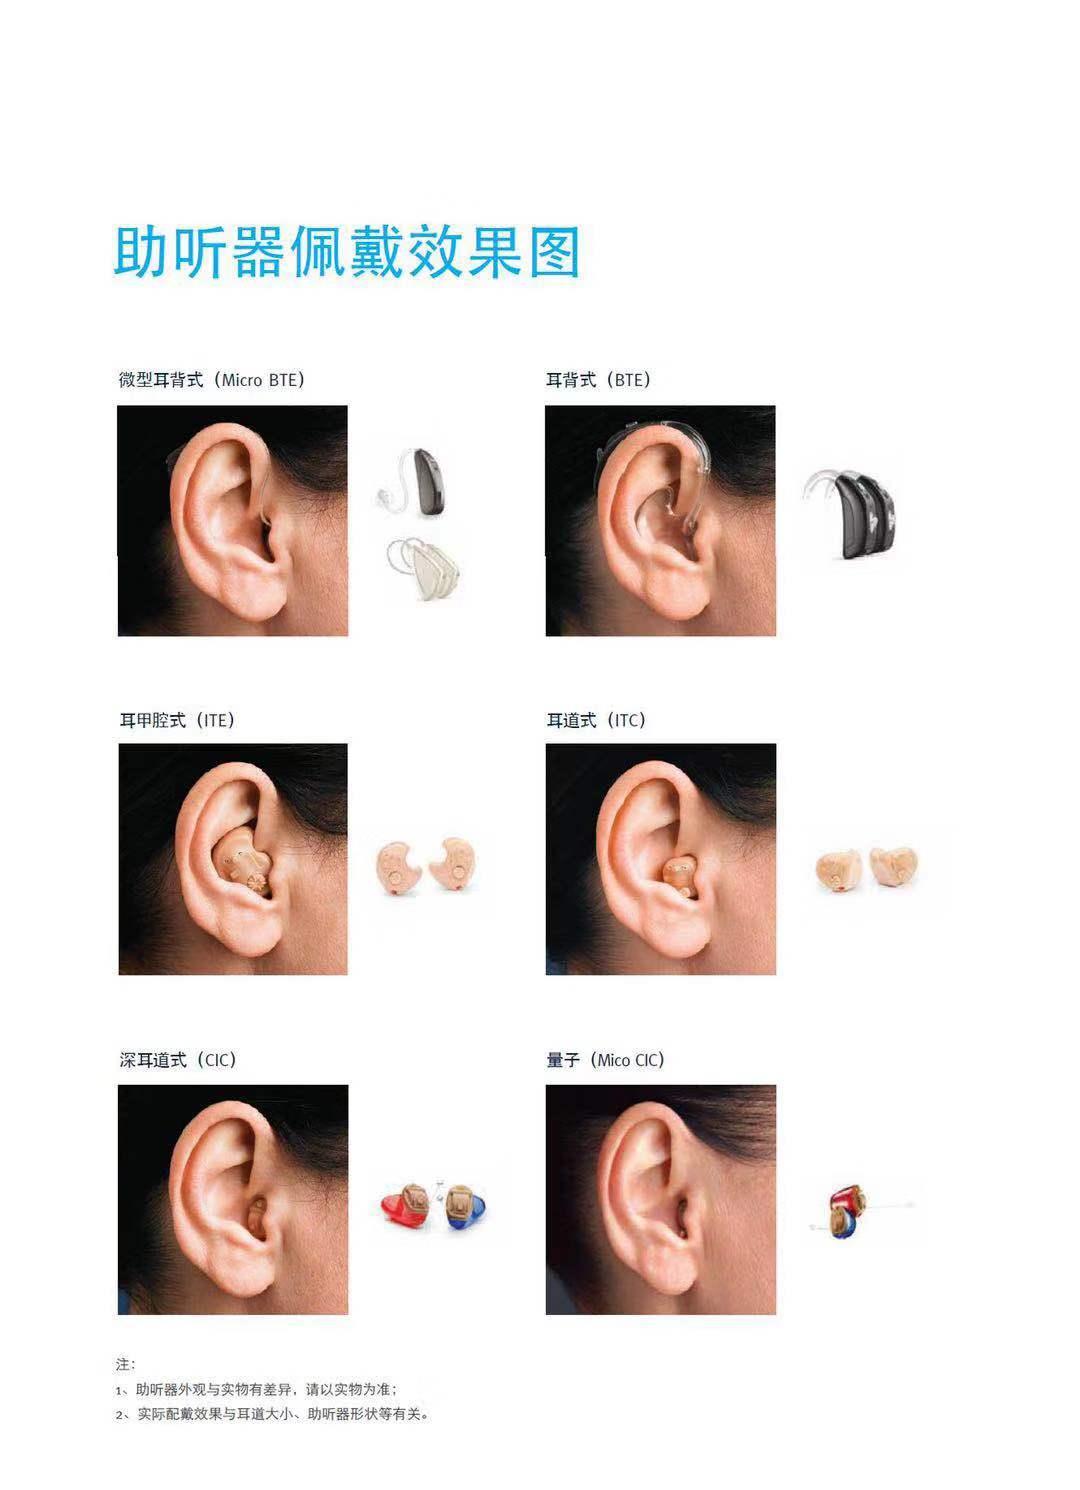 淮安斯达克助听器价格「南通福尔斯达克医疗器械供应」